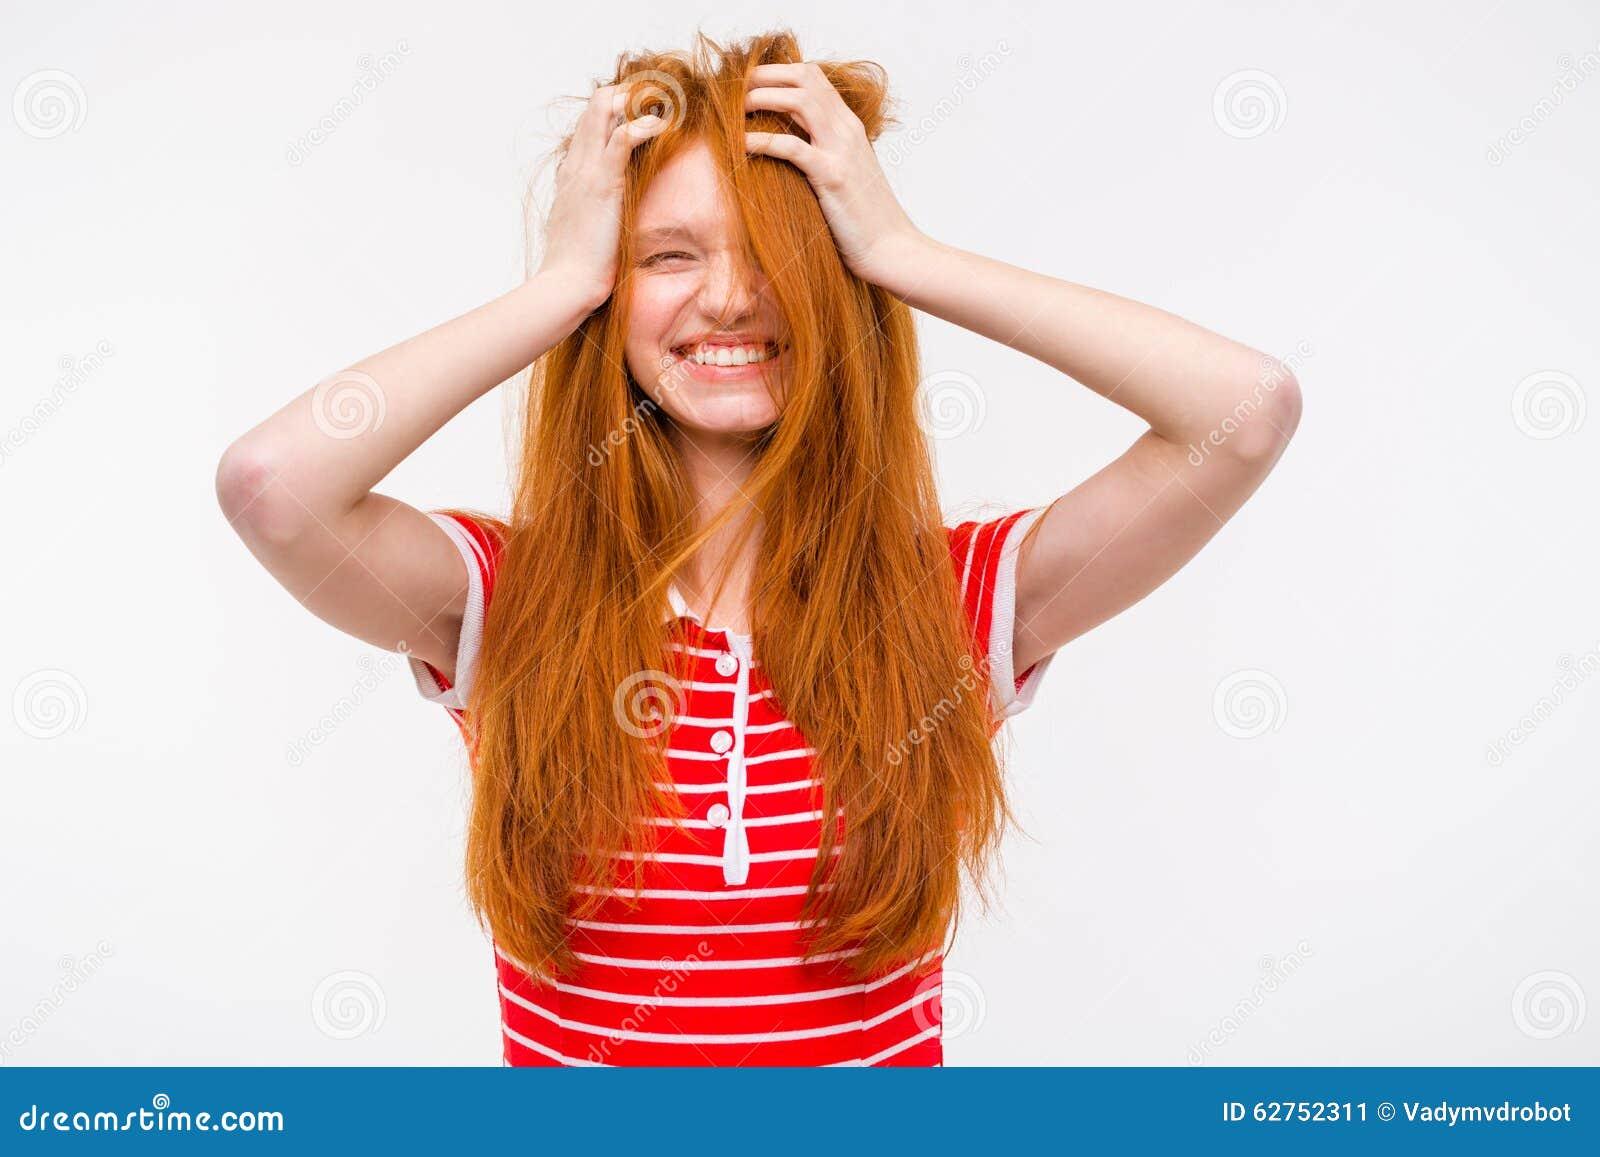 Фото девушек держащих руки за головой